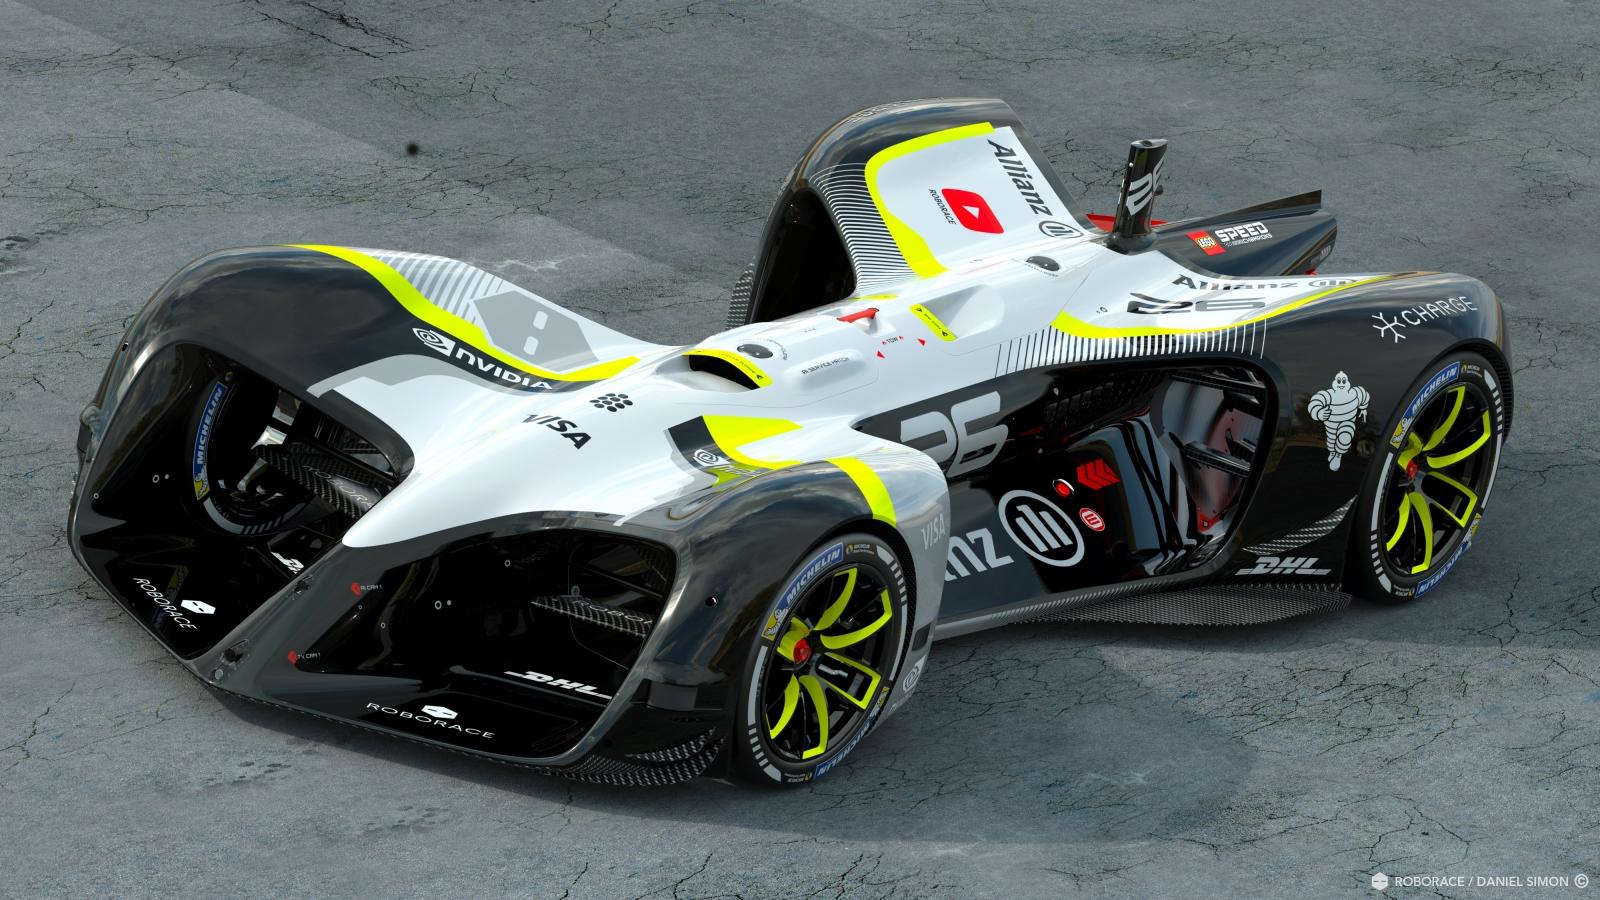 Roborace autonomous race car, the Robocar